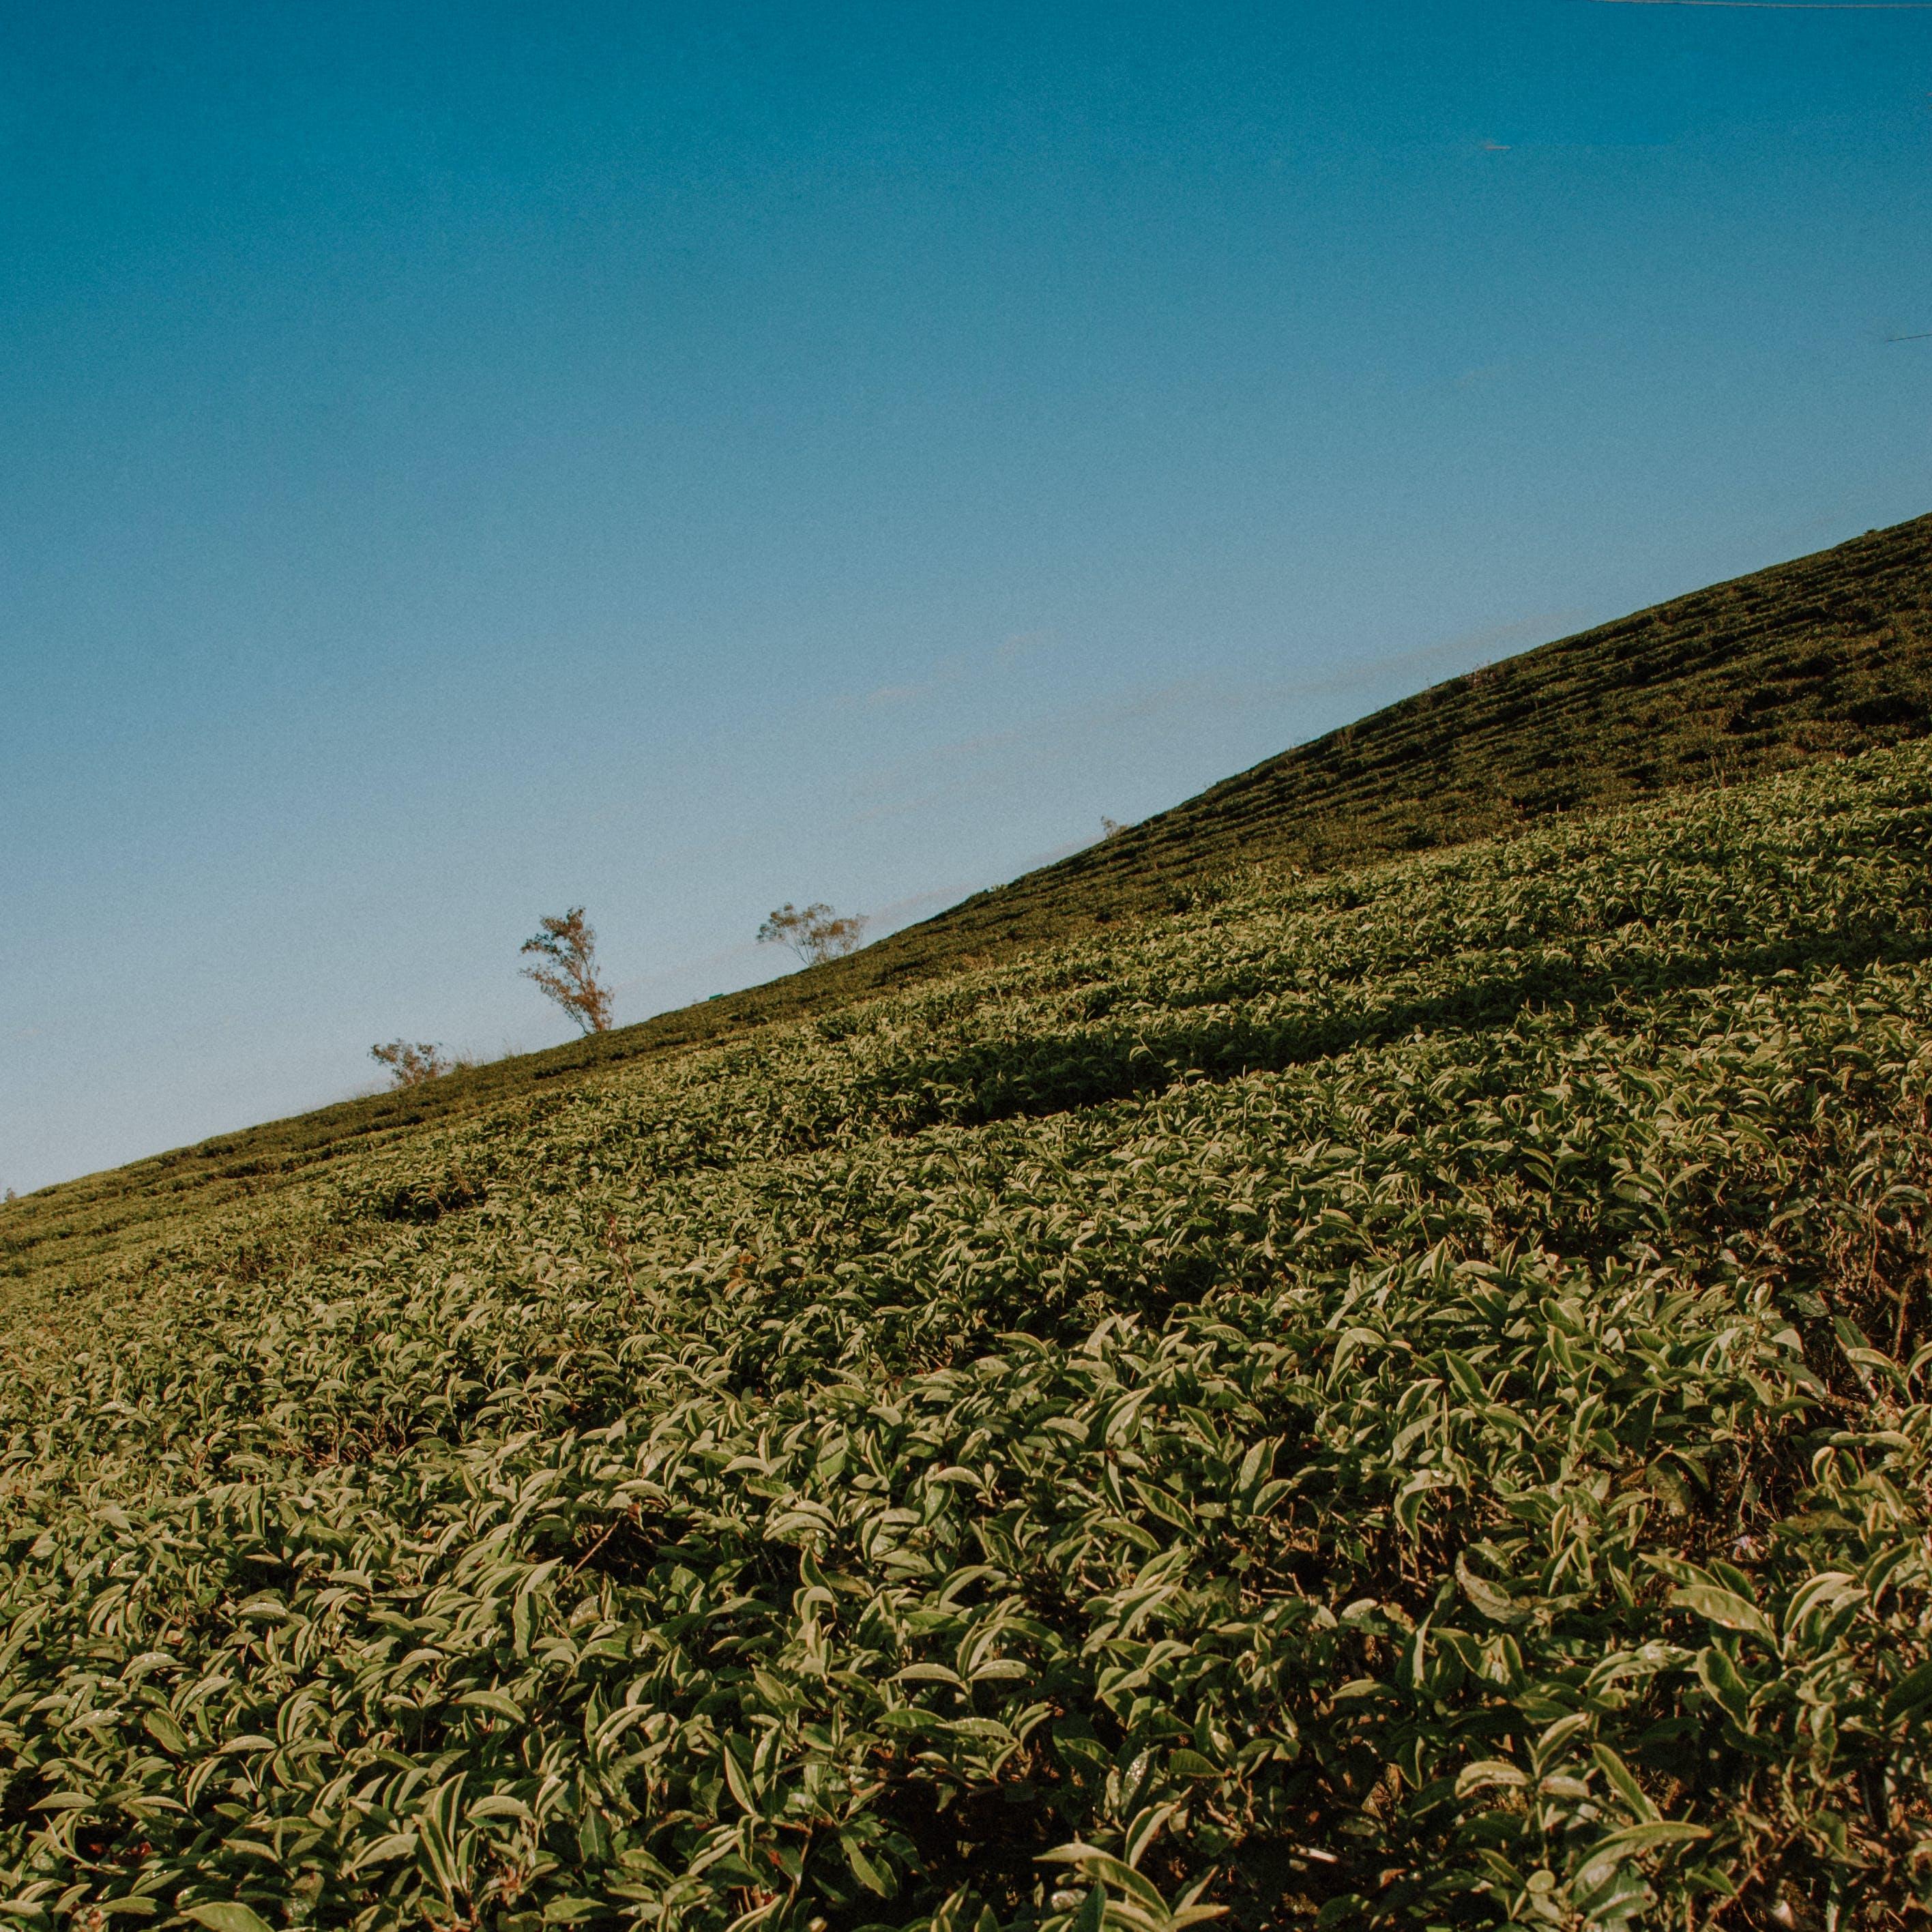 ağaçlar, alan, çevre, Çiftlik içeren Ücretsiz stok fotoğraf